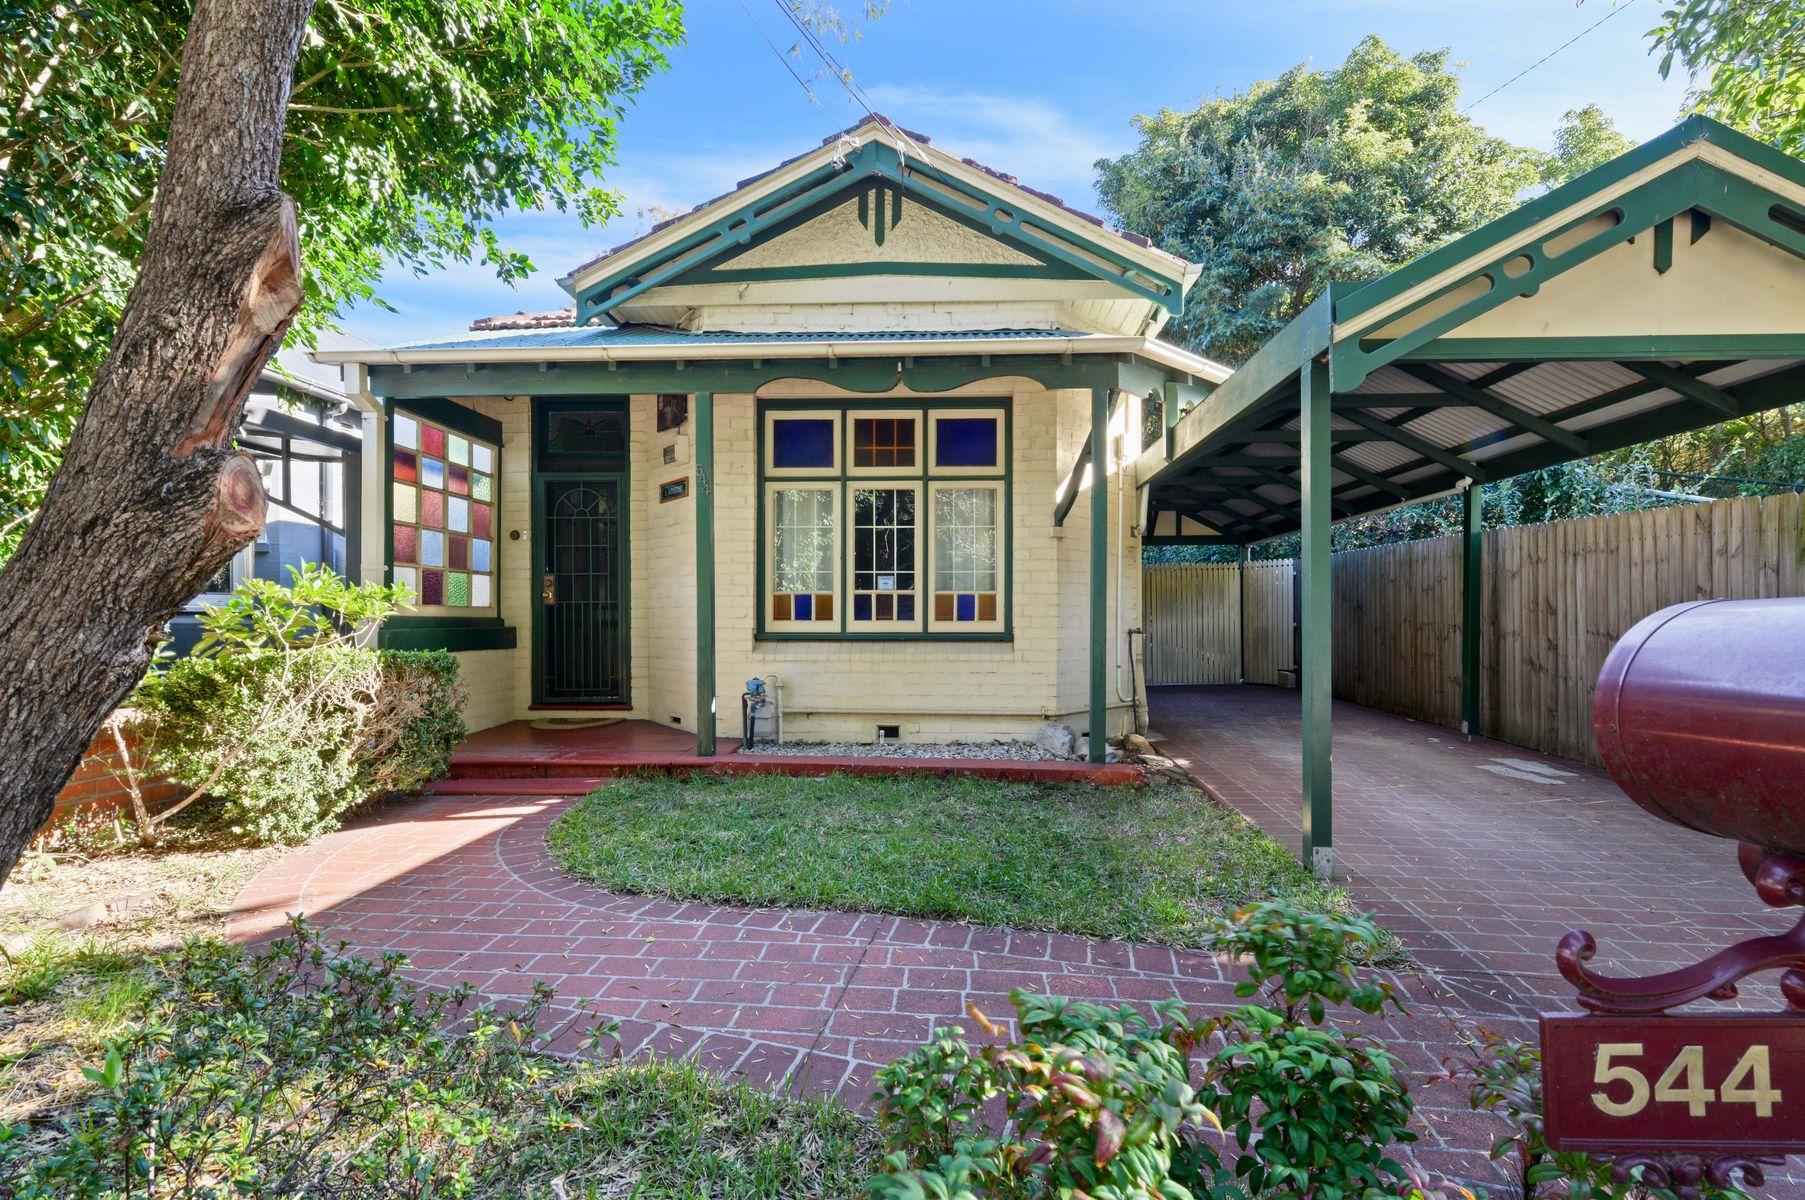 544 Illawarra Road, Marrickville, NSW 2204